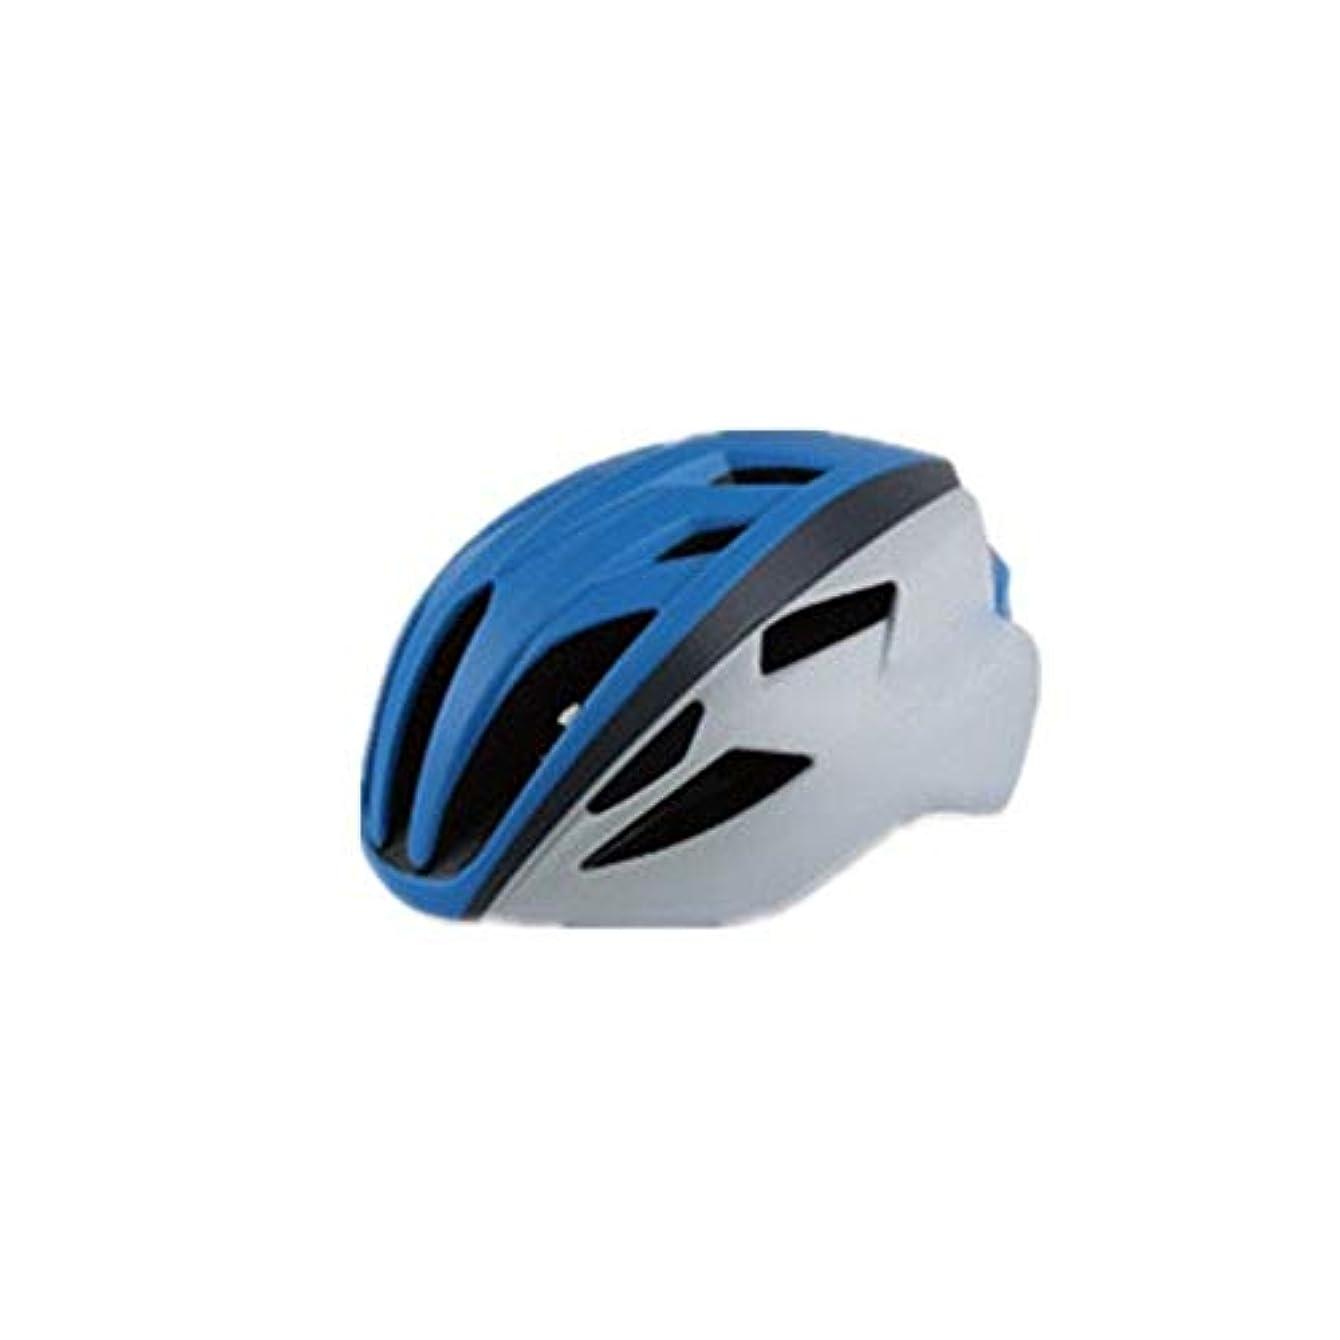 民間日没アクセサリー自転車用ヘルメット超軽量 アウトドアサイクリング愛好家に適した自転車ヘルメット自転車ヘルメット自転車安全ヘルメット。 オフロード自転車用保護帽